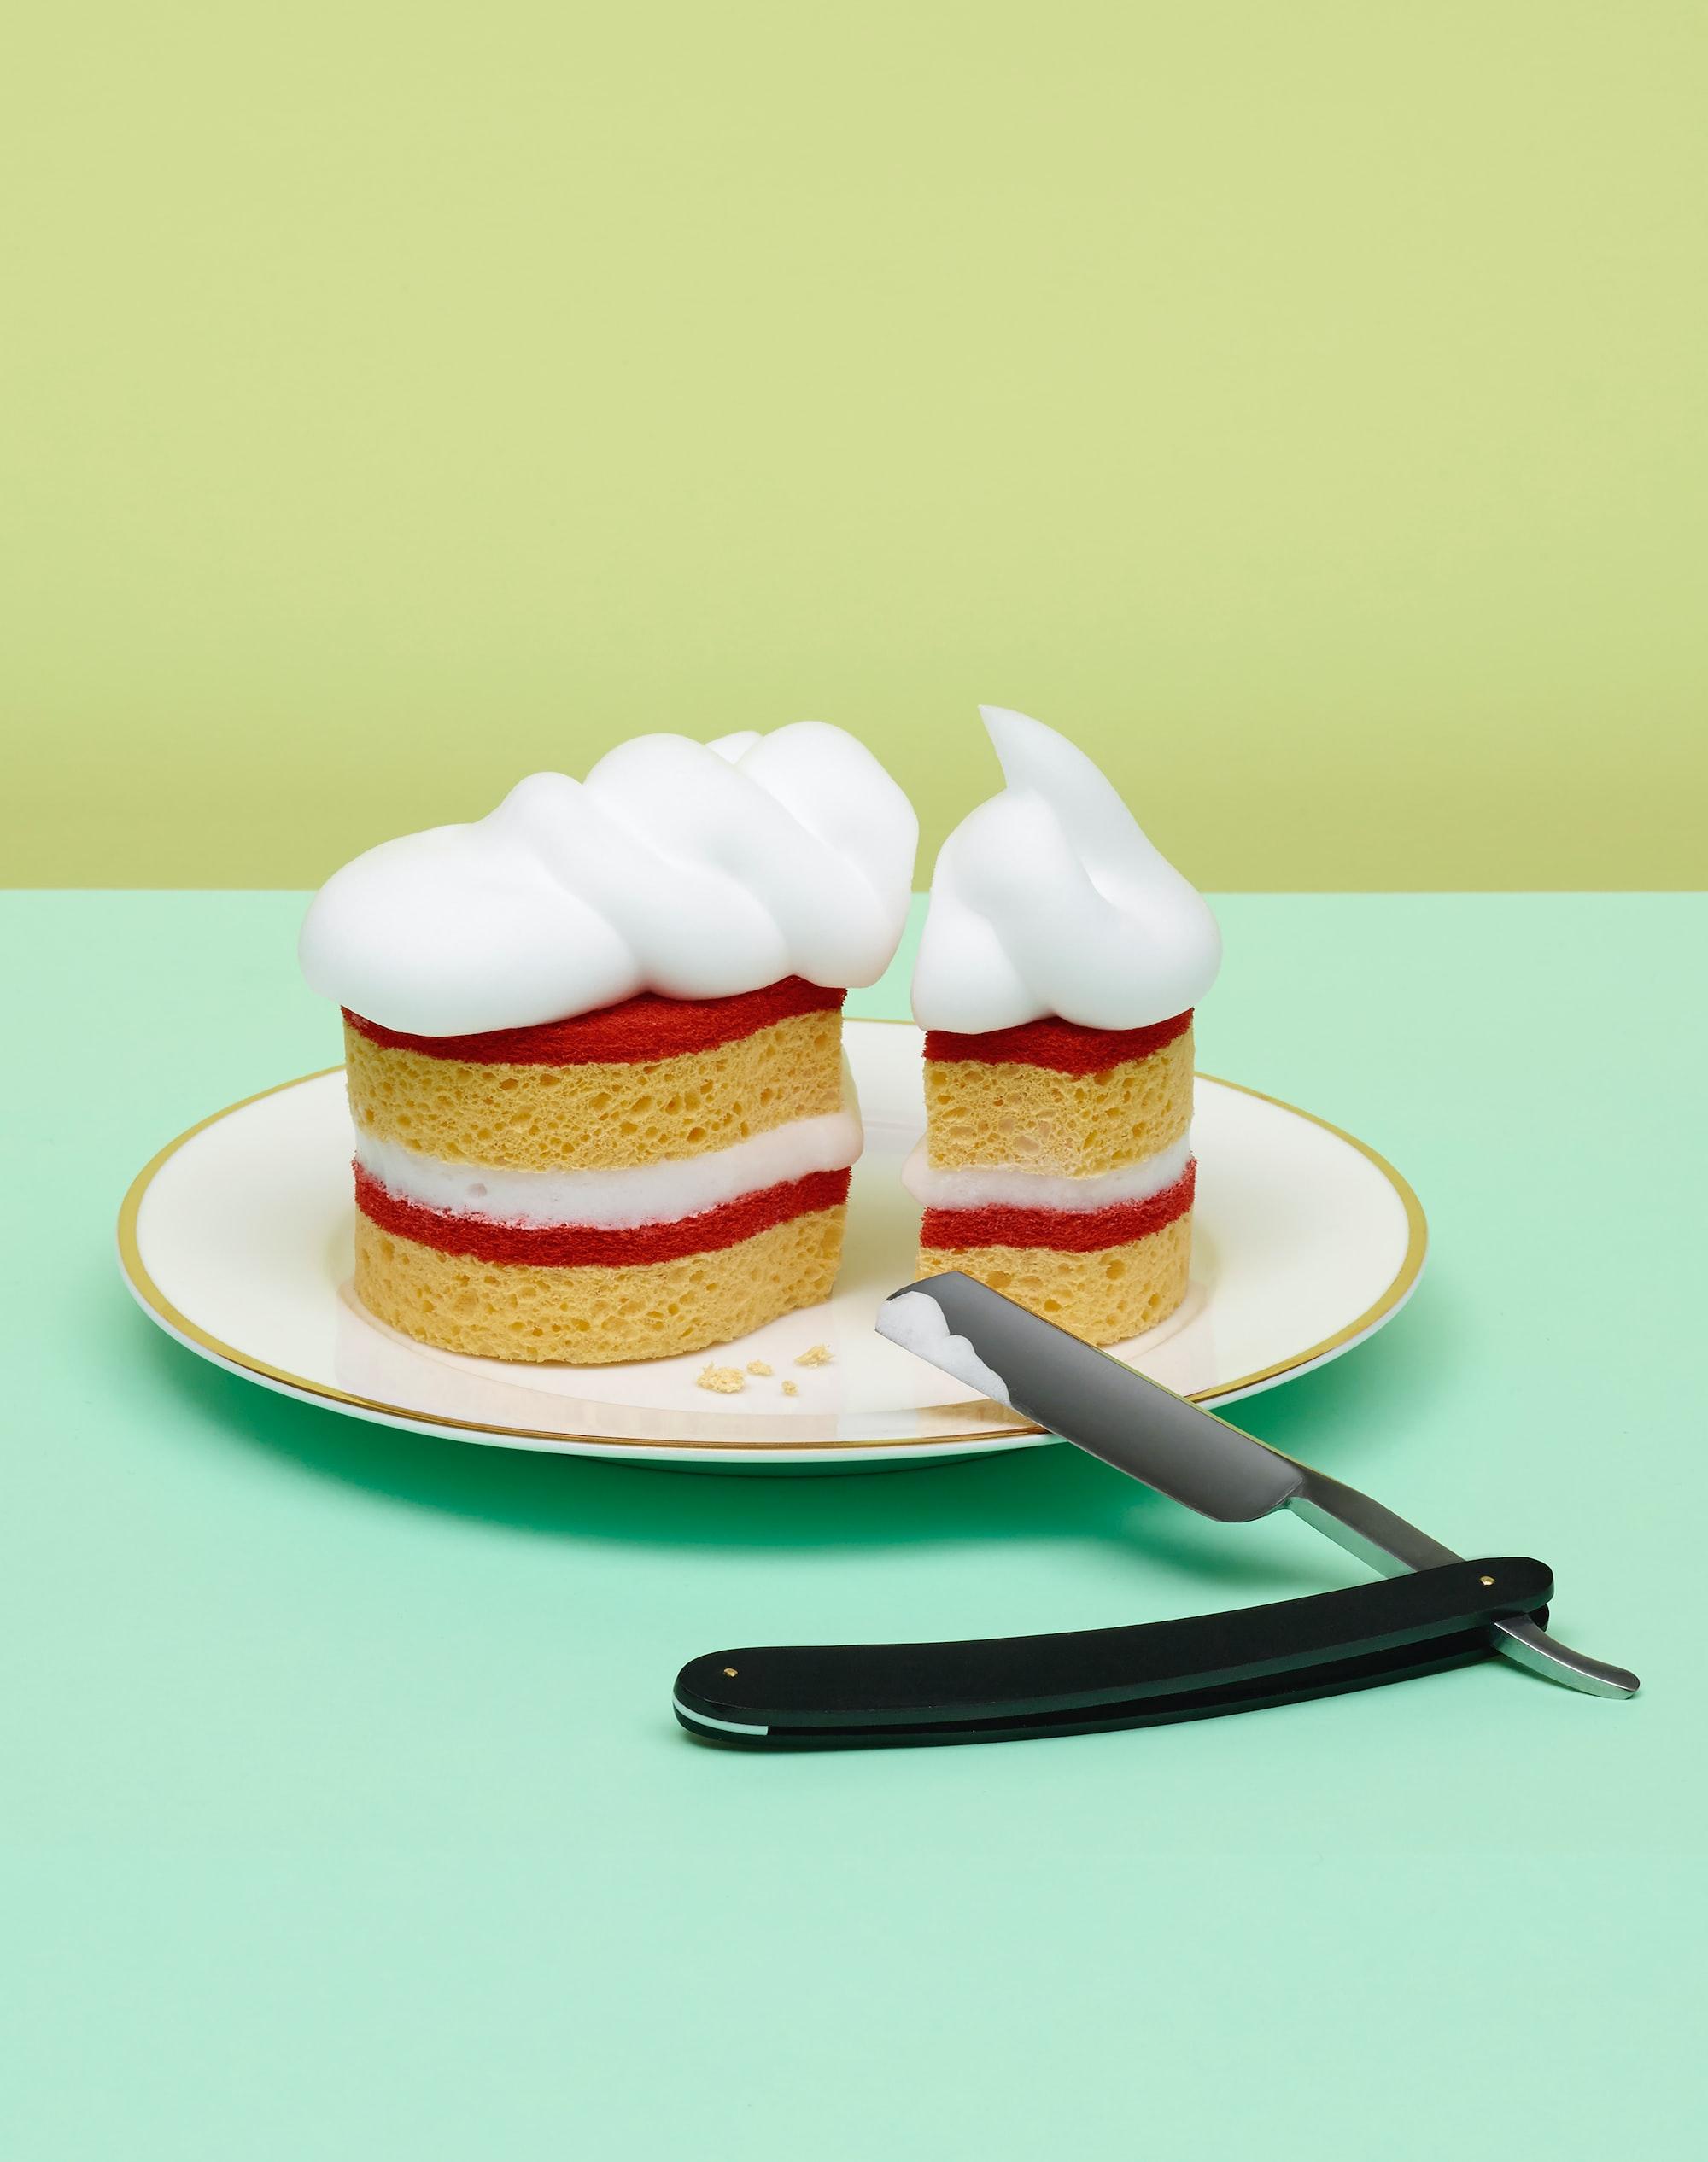 Cette image a été réalisée en collaboration avec La styliste Valentine Mazel ,  www.benjaminhenon.com et  valentine-setdesign.com